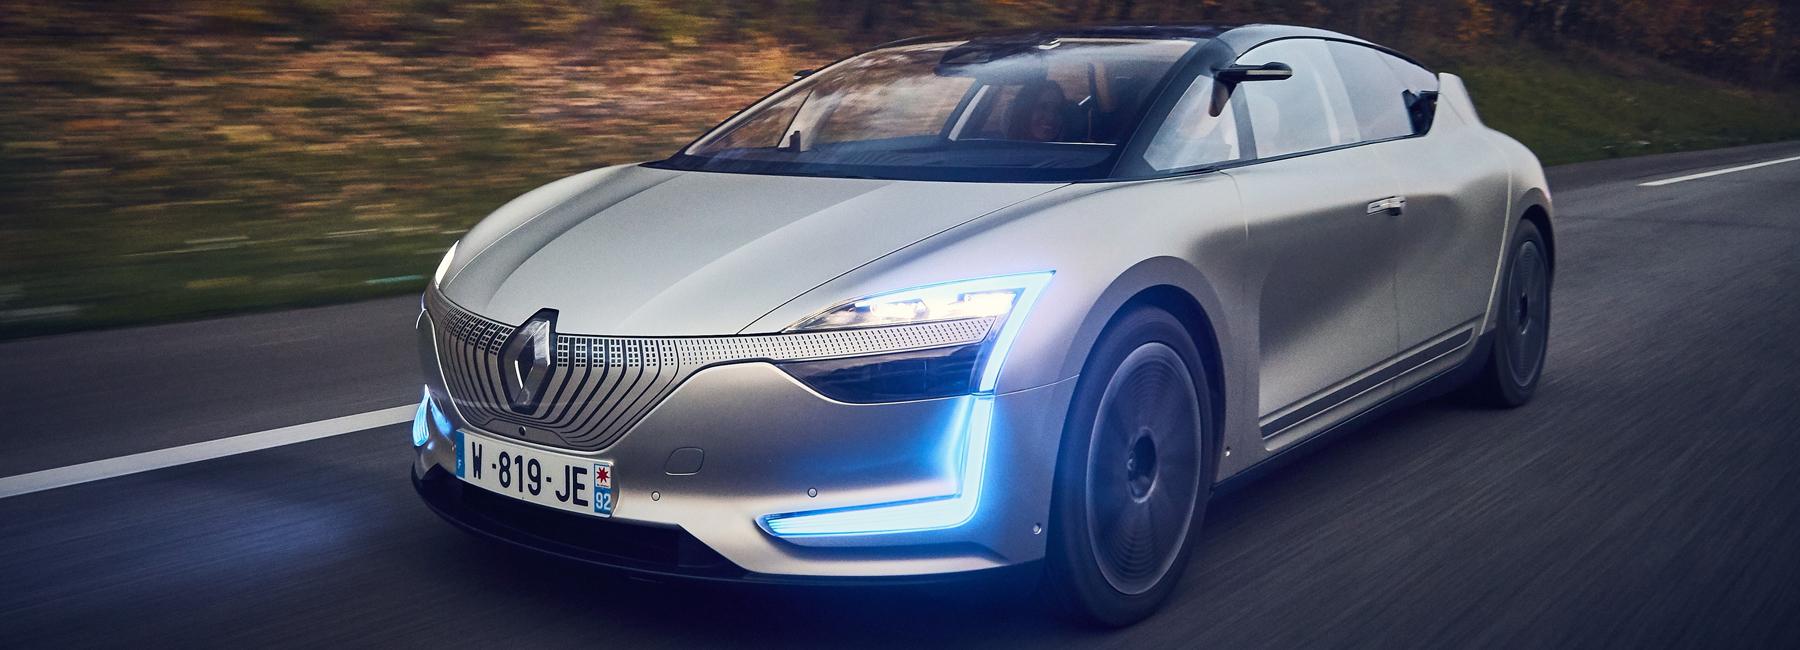 Reanult Autonomous Vehicles Source: www.designboom.com